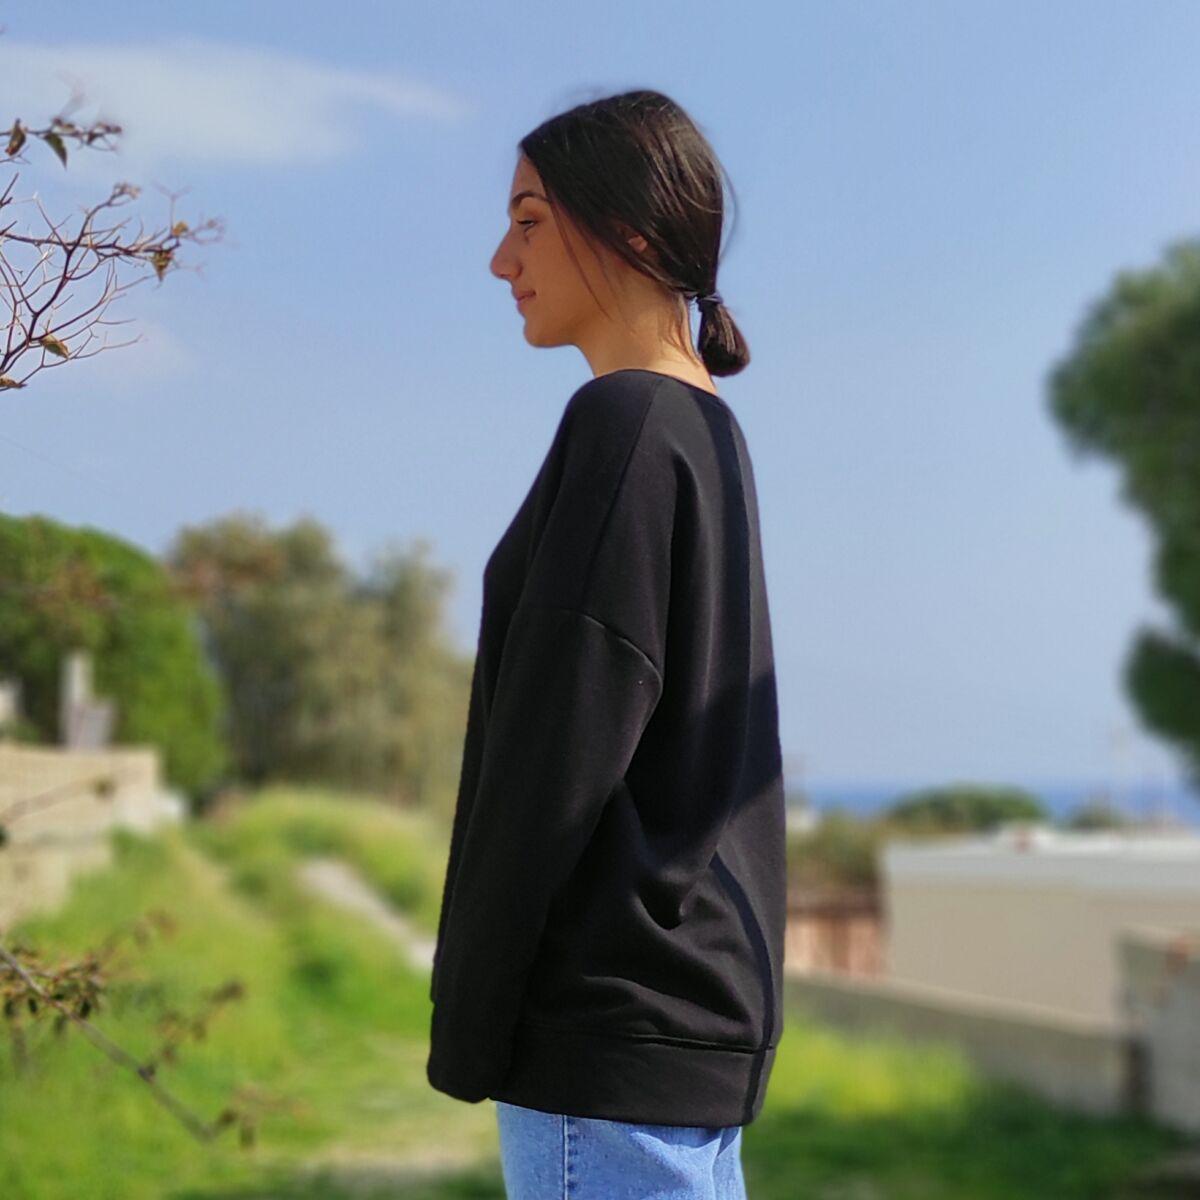 Φούτερ μαύρο ασύμμετρο Μπλούζες Ρούχα αξεσουάρ 2